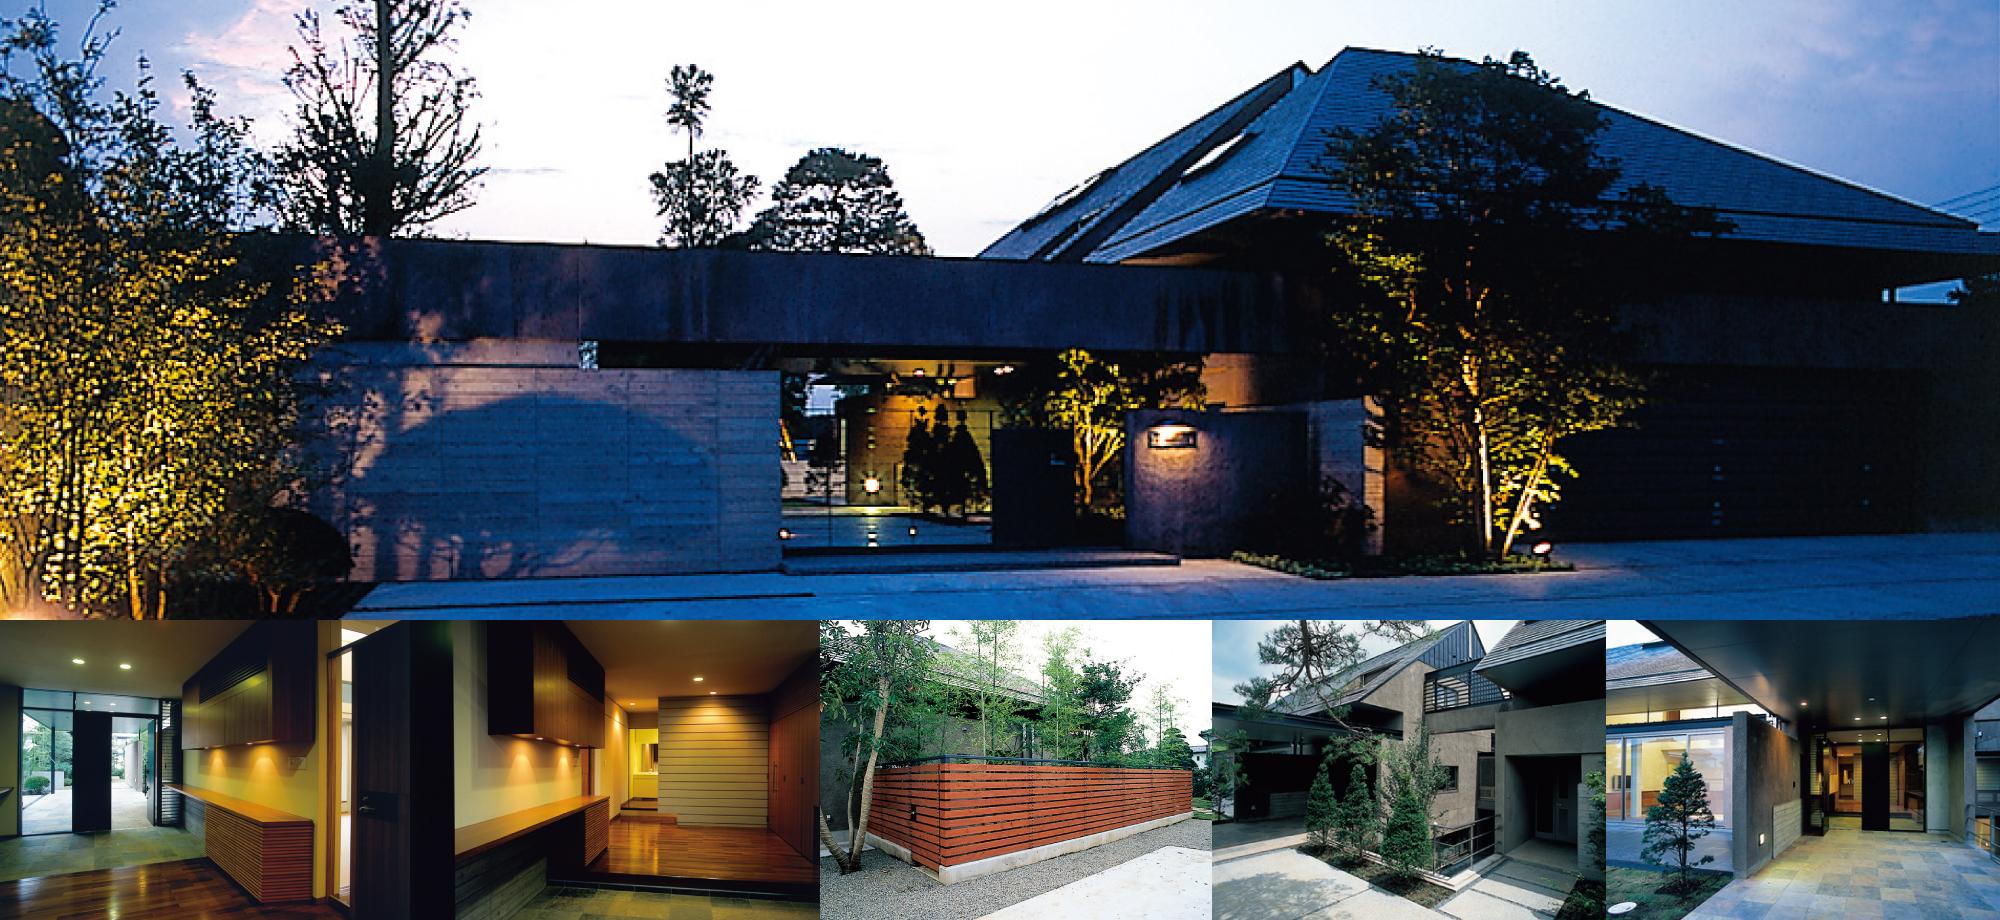 大屋根の住まいの画像1